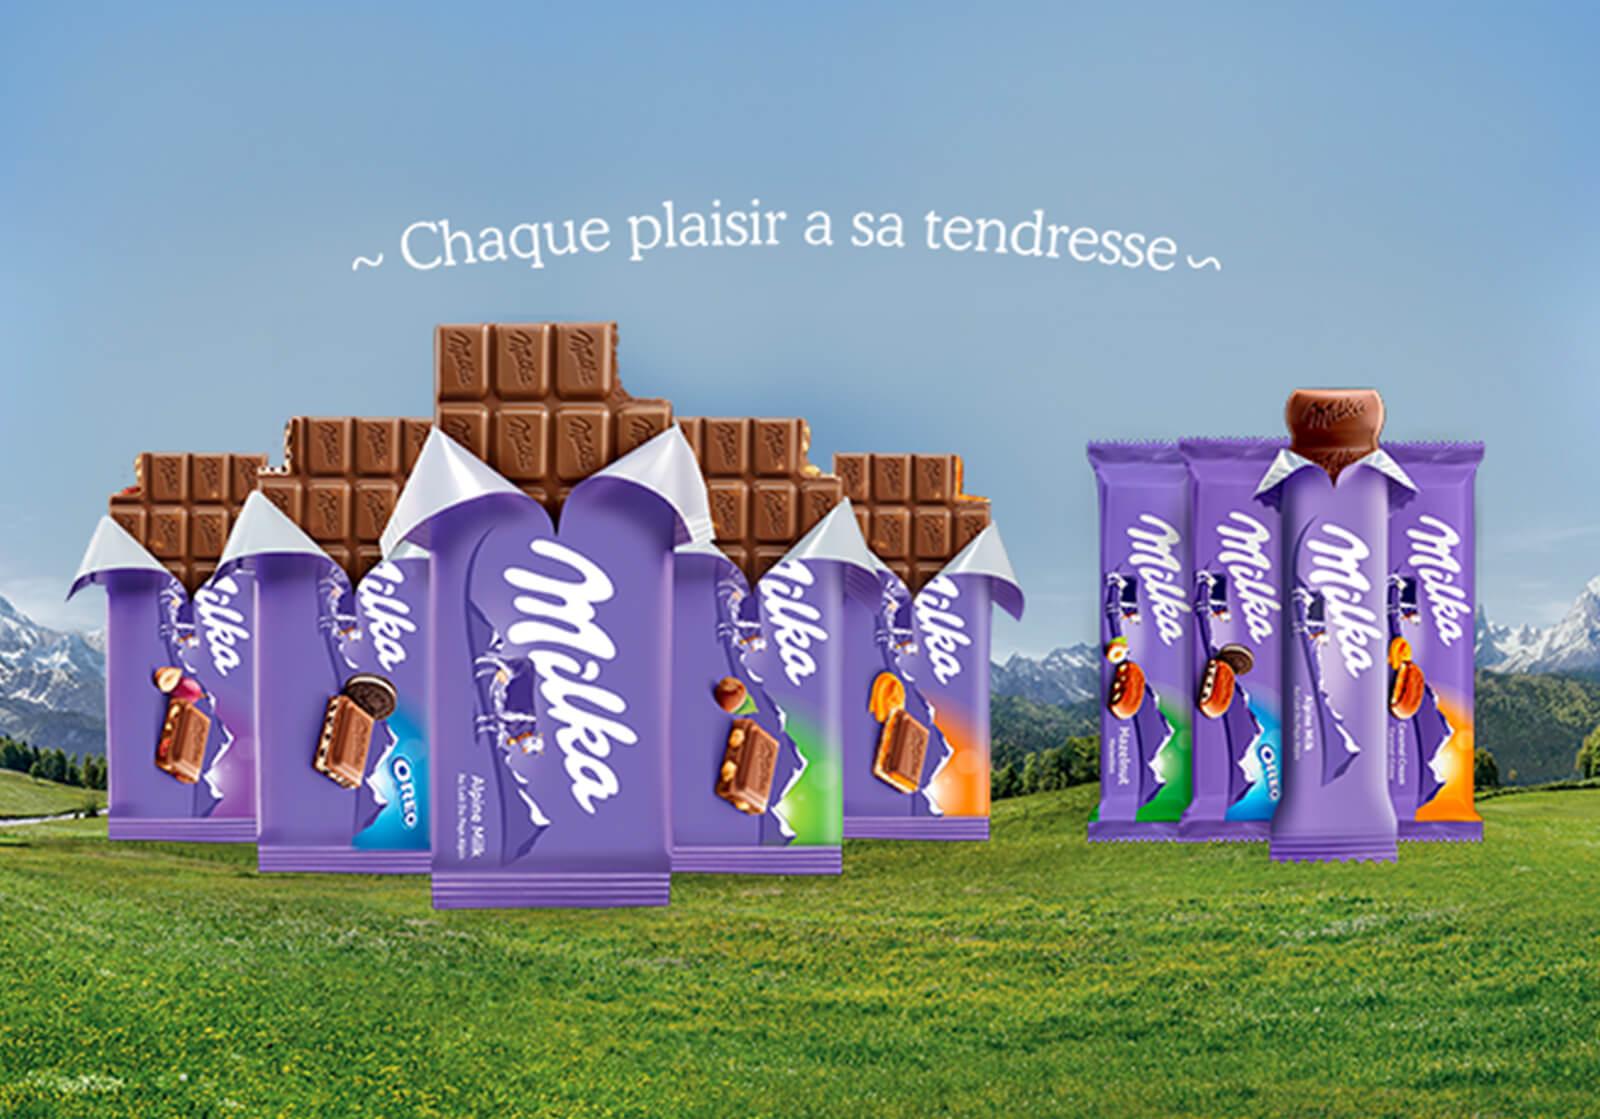 Mondelēz introduit Milka au Maroc